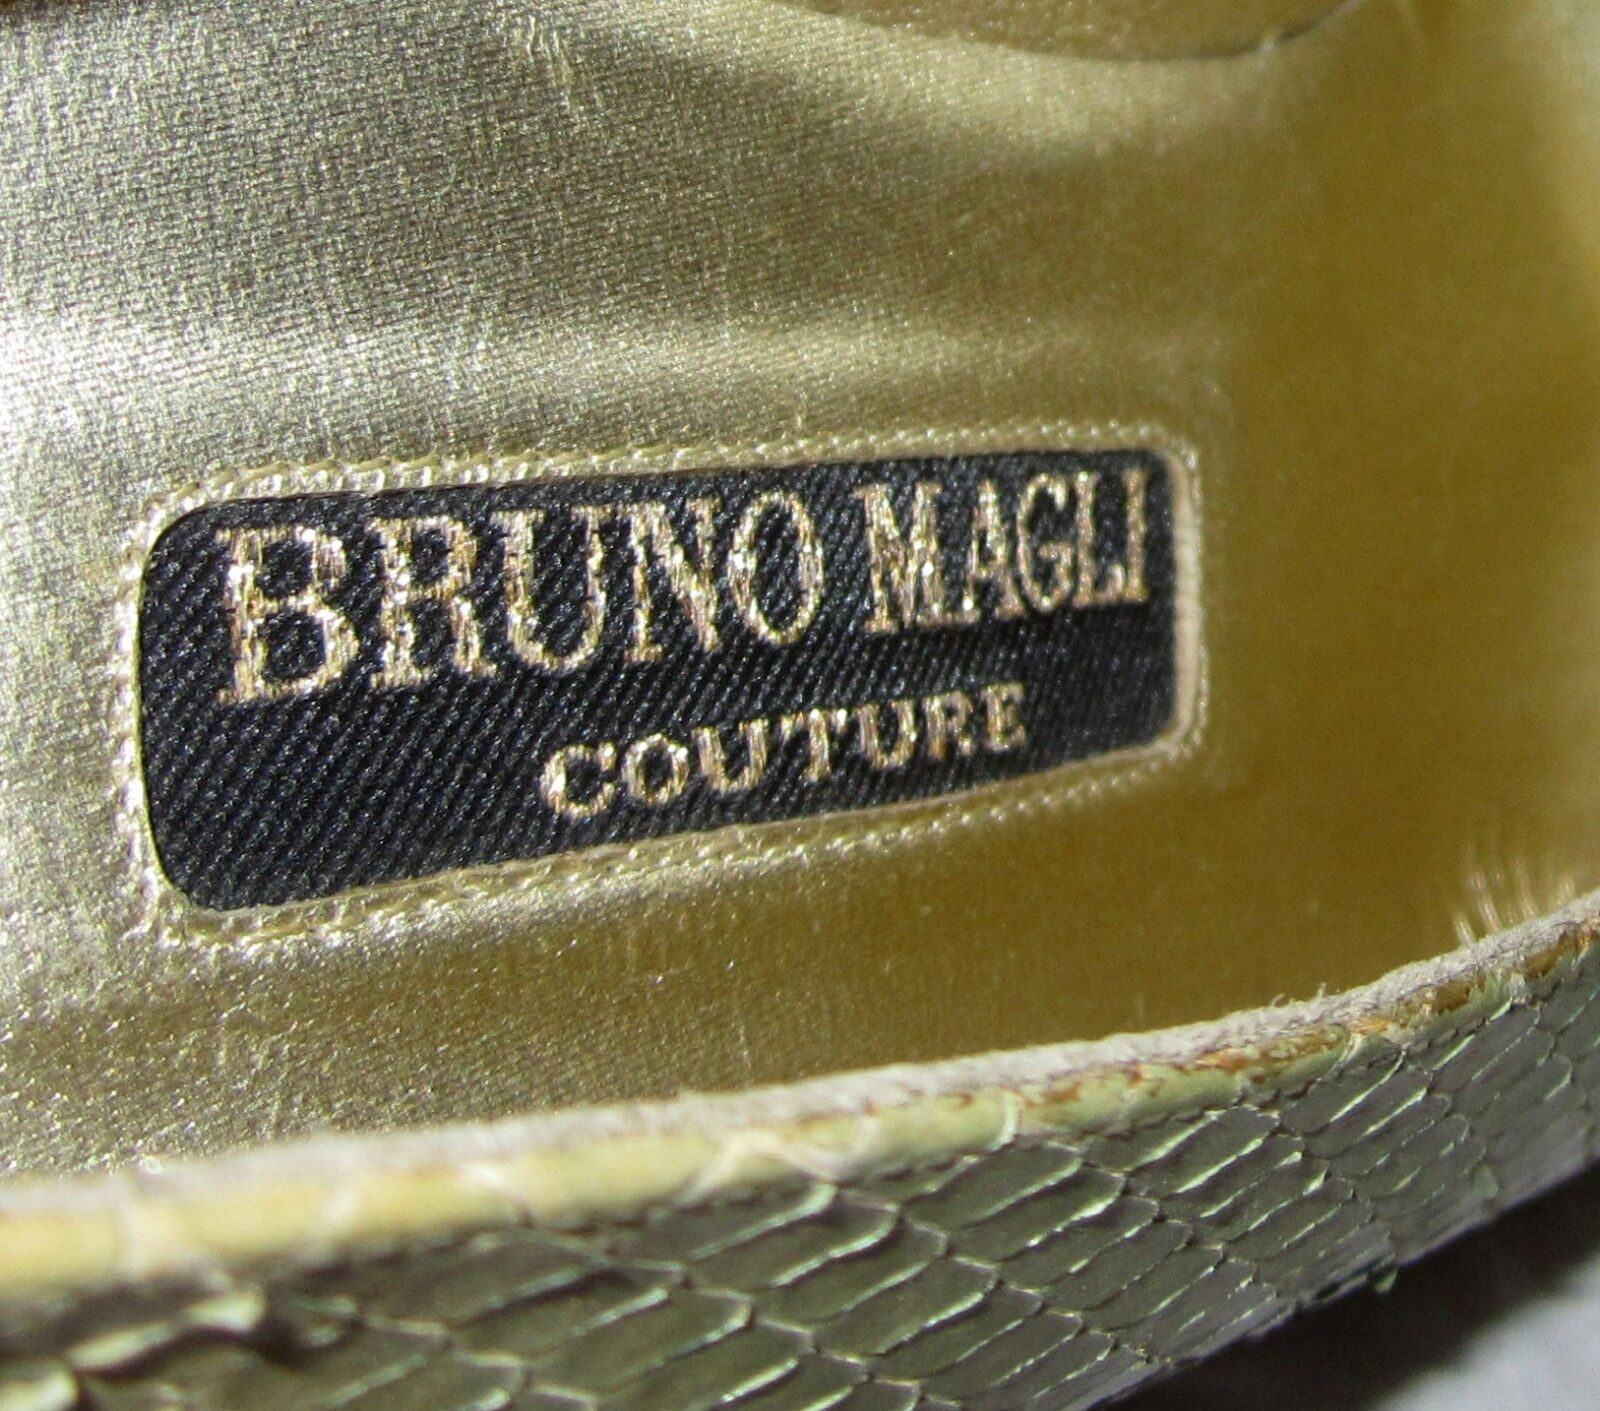 Neu Bruno Magli Kontur Ferse 9AAAA Italien Schlange Pastell Pastell Pastell Farbverlauf Must See 492e61